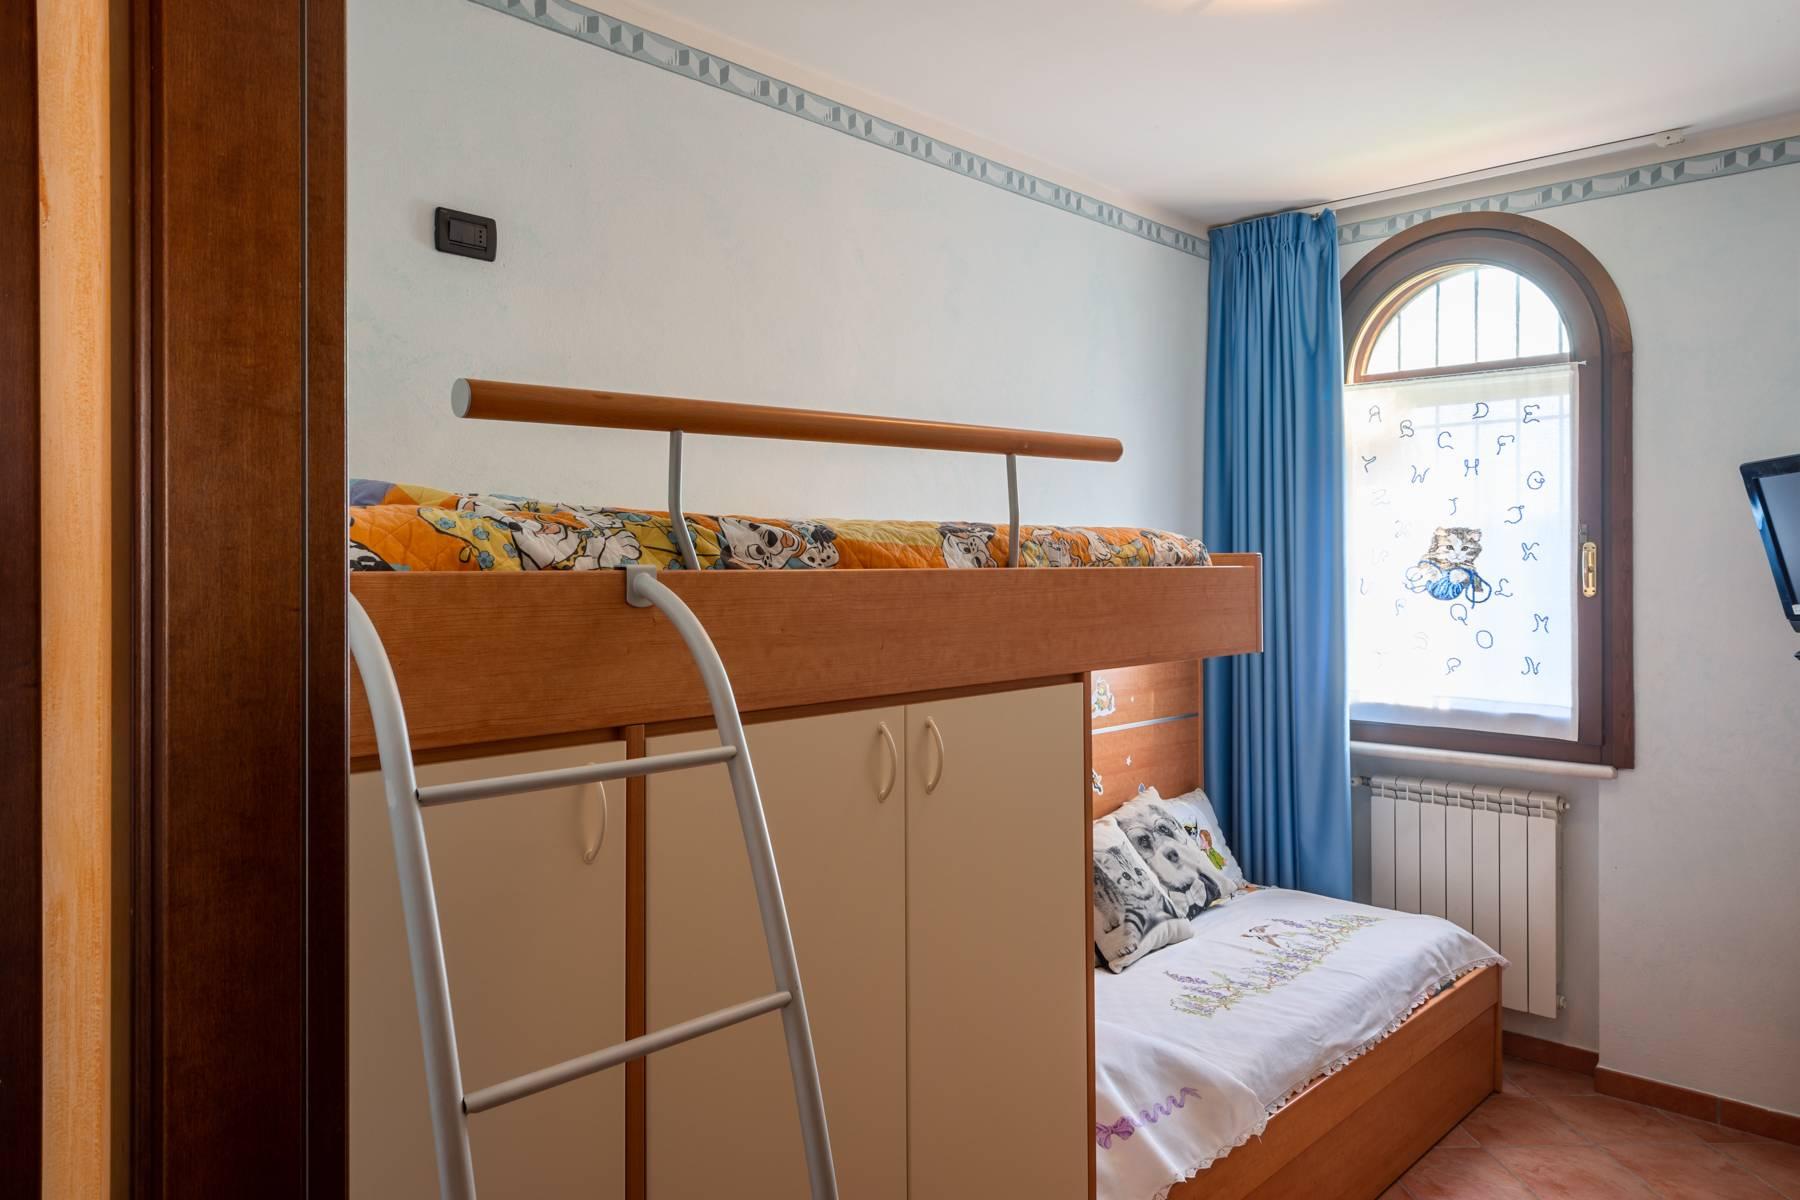 Casa indipendente in Vendita a Toscolano-Maderno: 4 locali, 76 mq - Foto 16